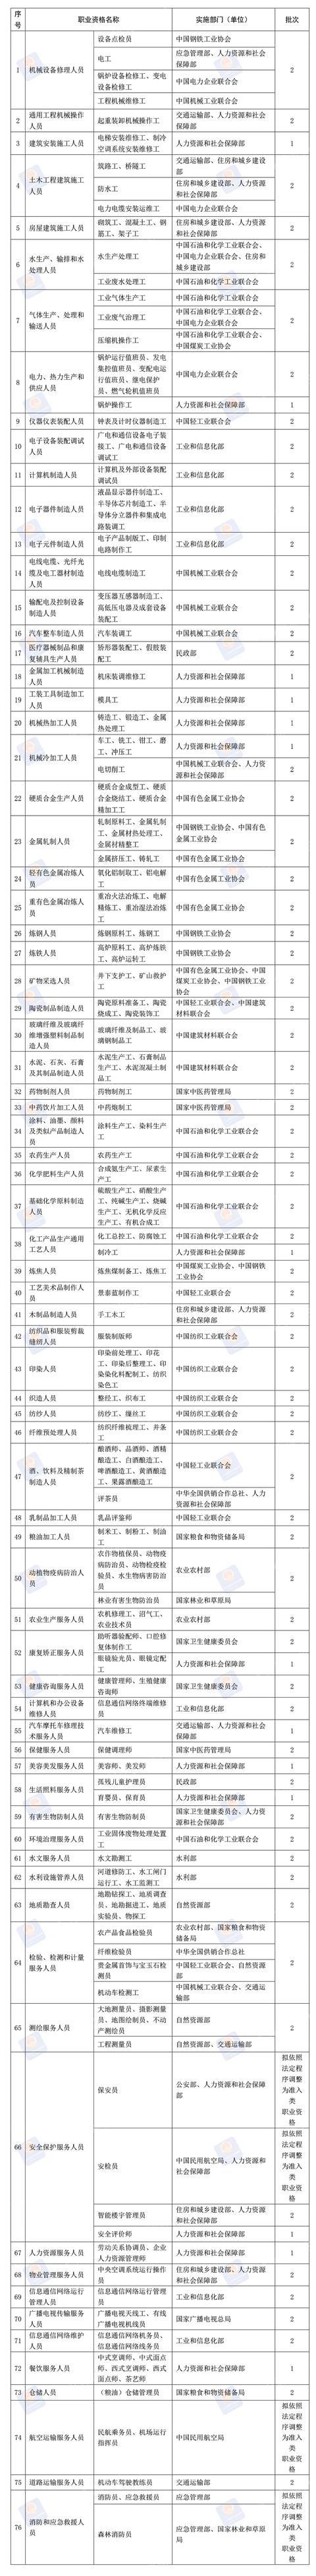 76项职业资格今年将分步取消 后续工作怎么做